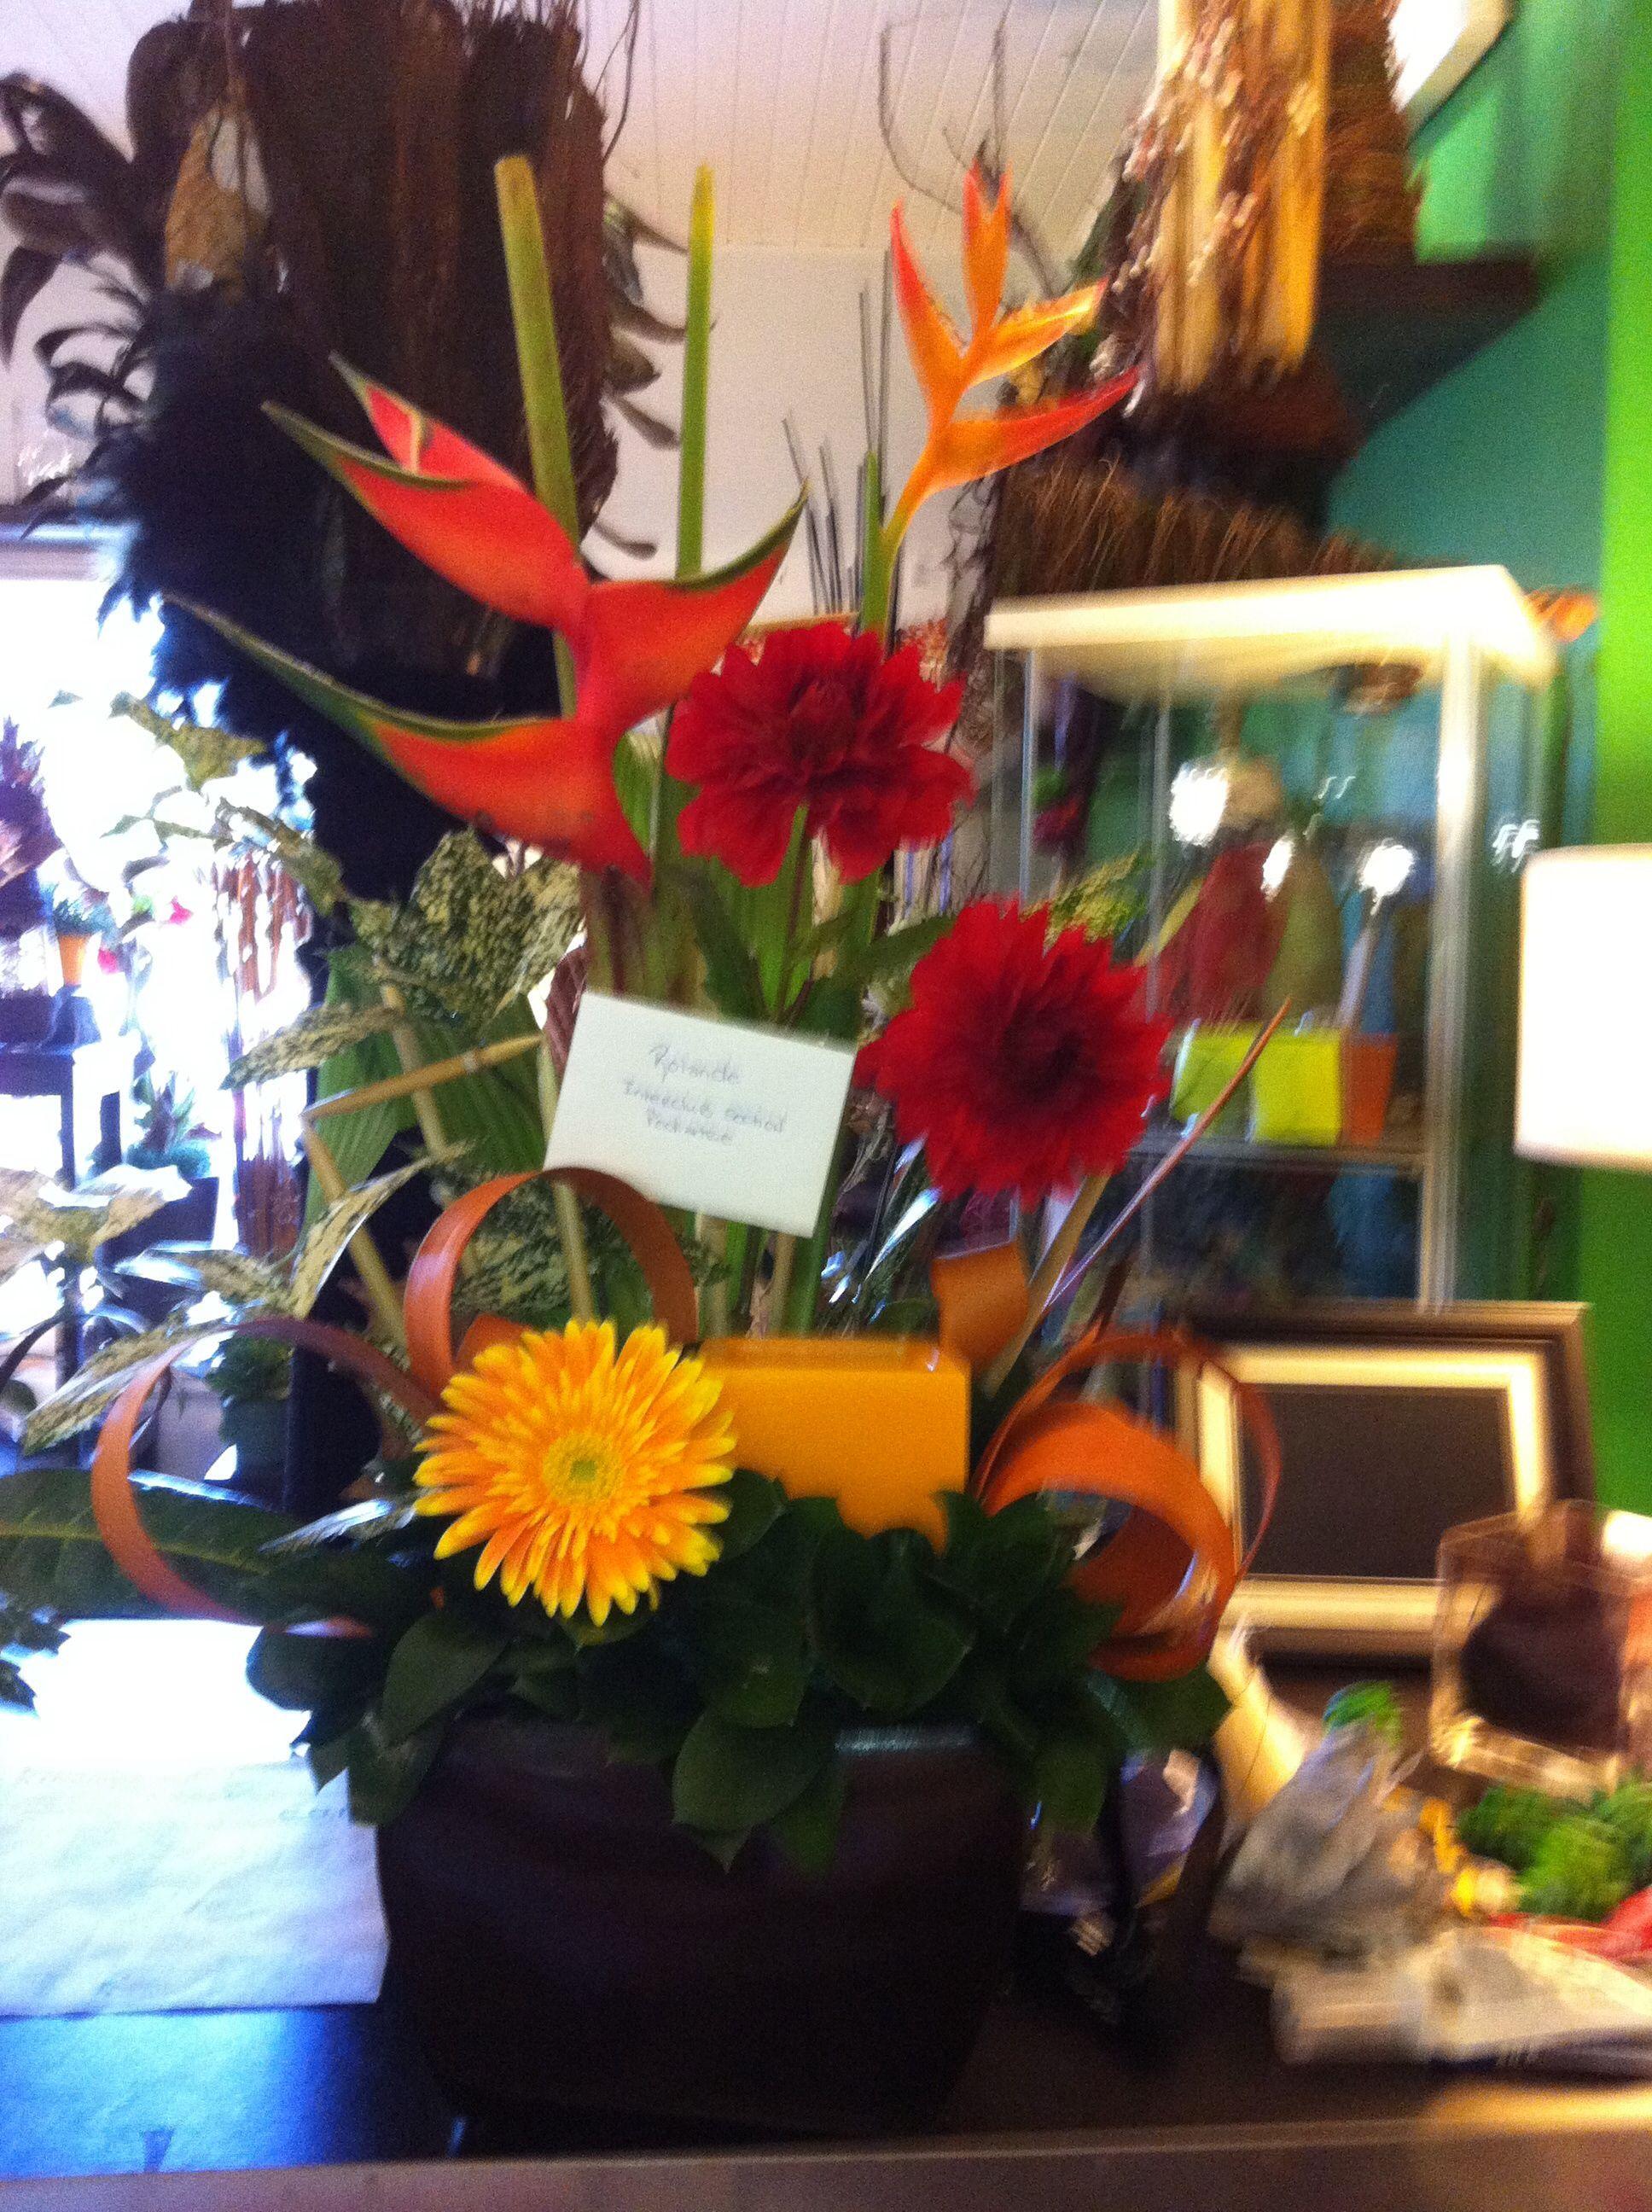 Arrangement de fleurs coupées et photosphore